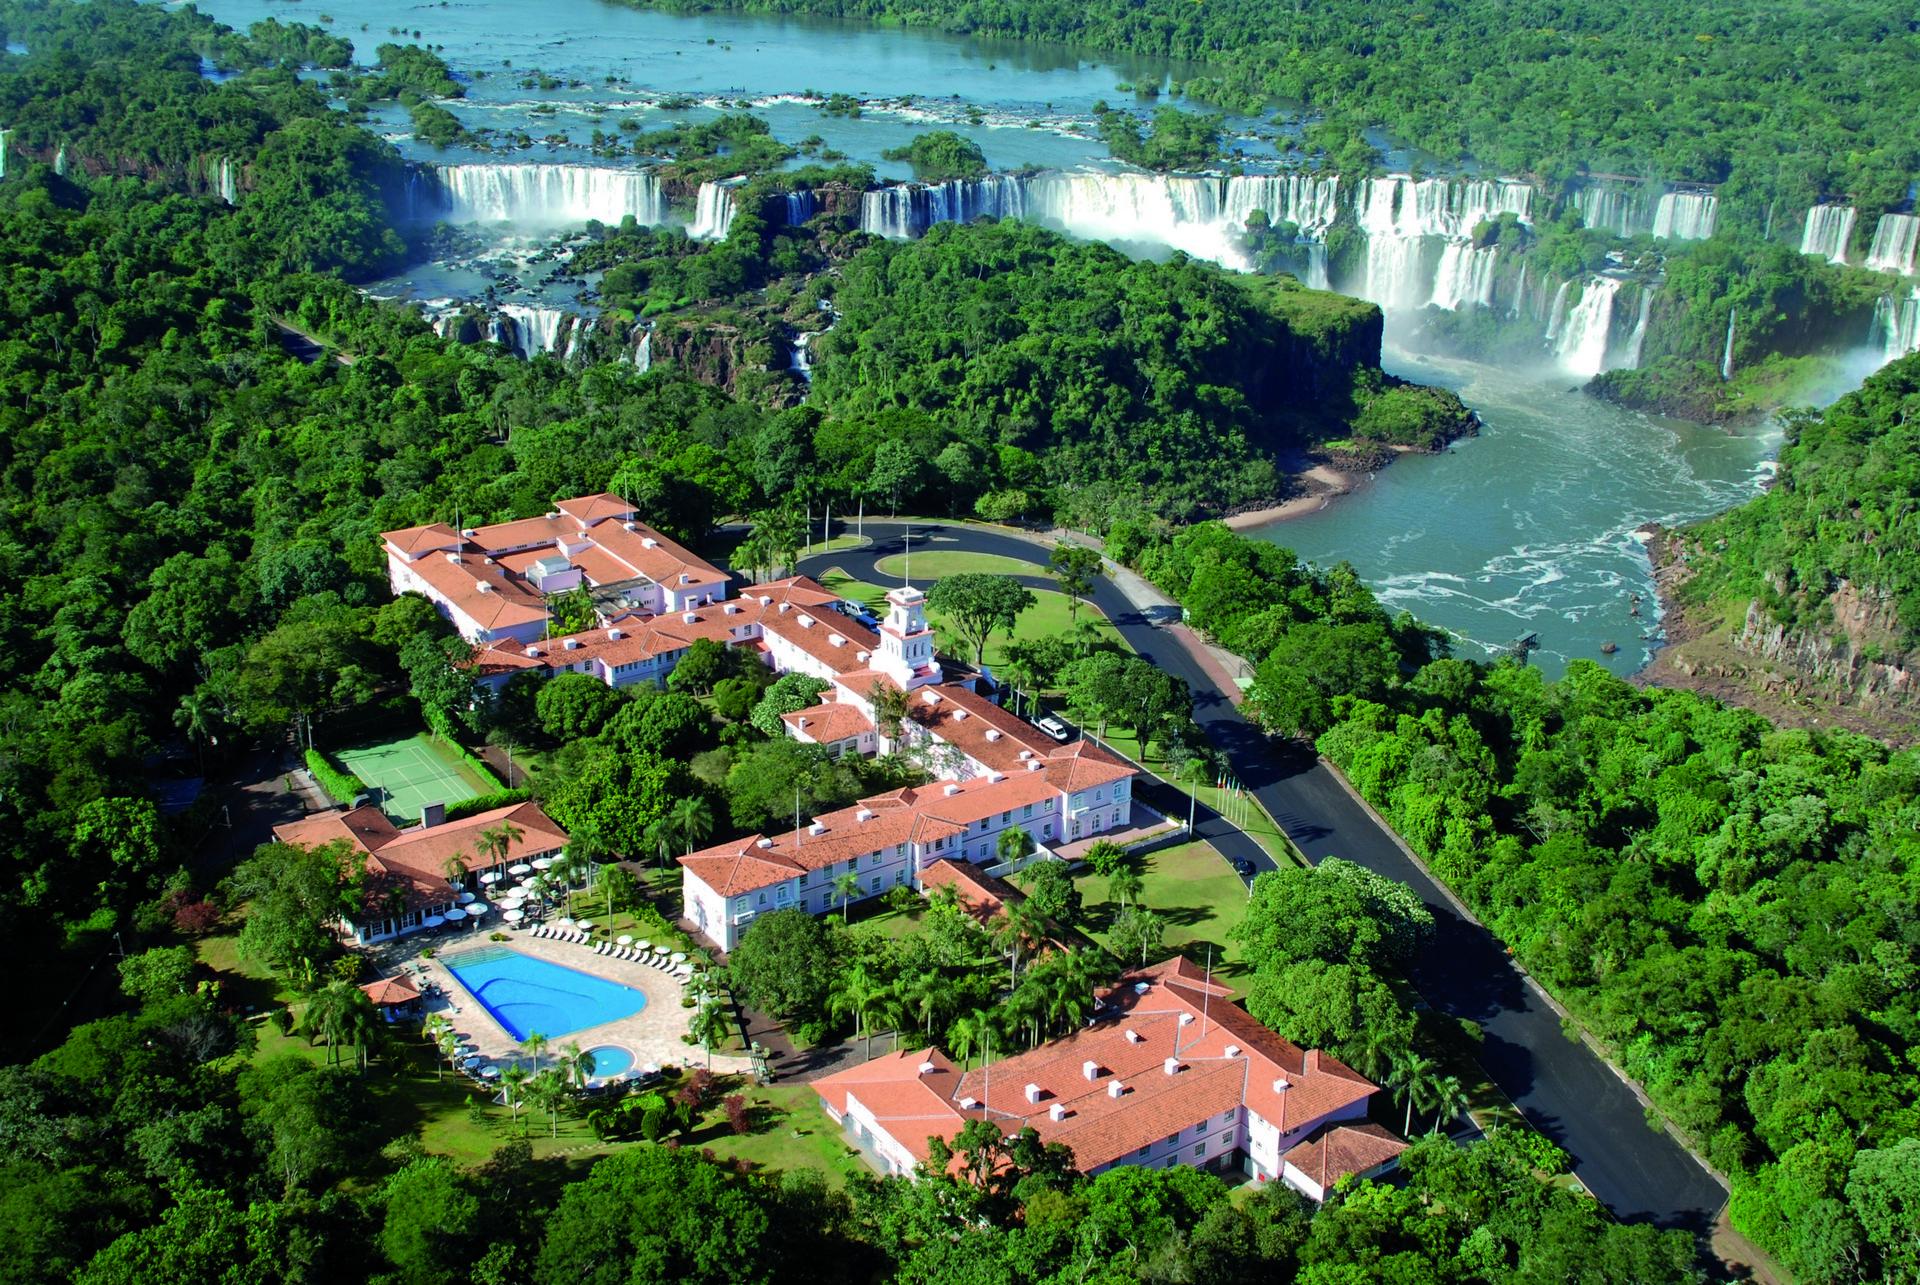 wyprawy-Perły-Ameryki-Południowej-zakwaterowanie-Belmond Hotel das Cataratas-Wodospady-Iguazu